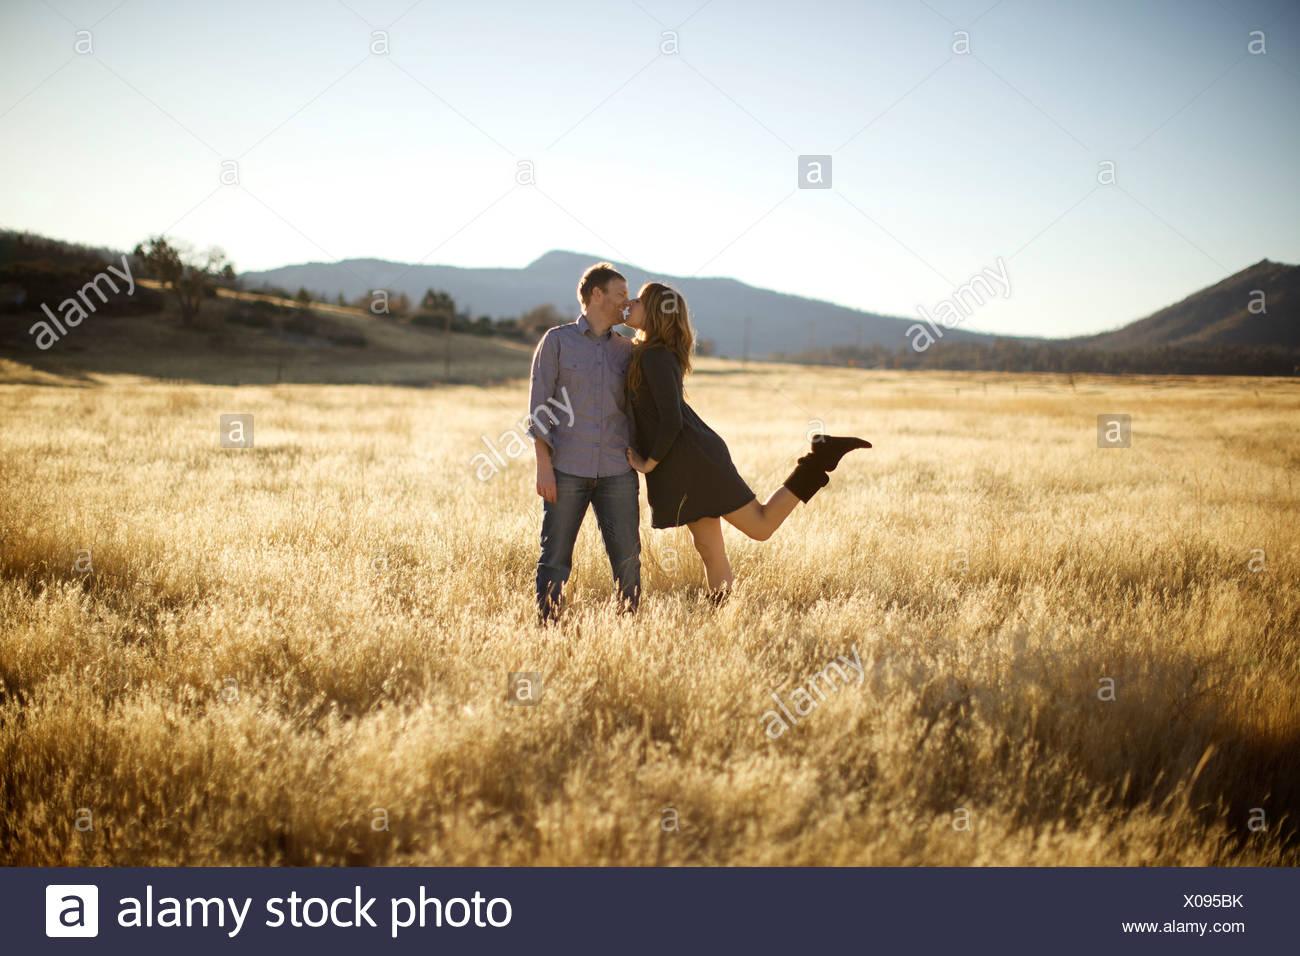 Femmina Maschio si avvicina per un bacio in un campo aperto. Immagini Stock